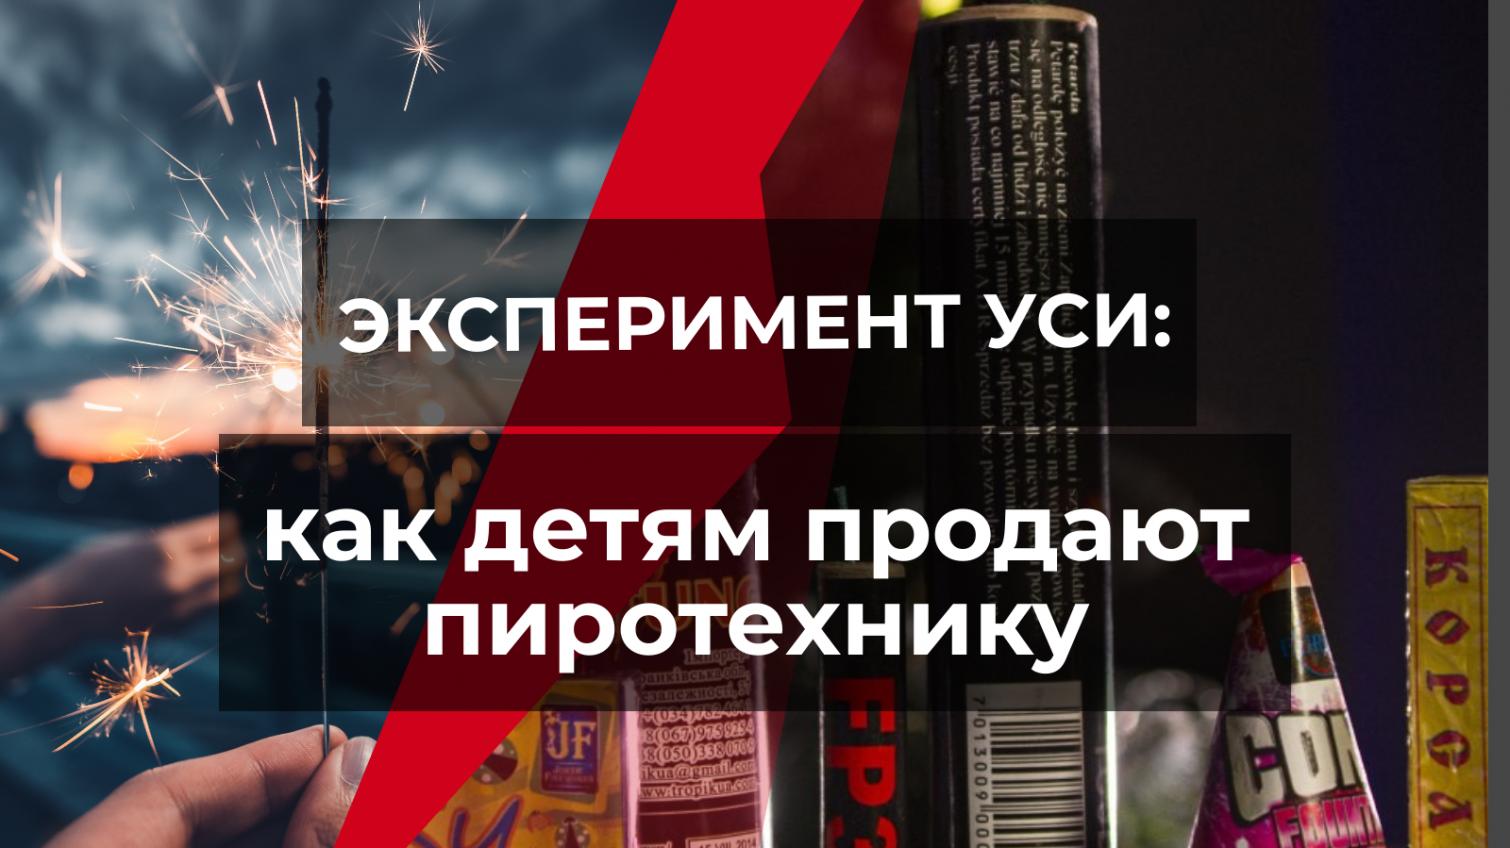 Как в Одессе детям продают пиротехнику: эксперимент УСИ (фото, видео) «фото»